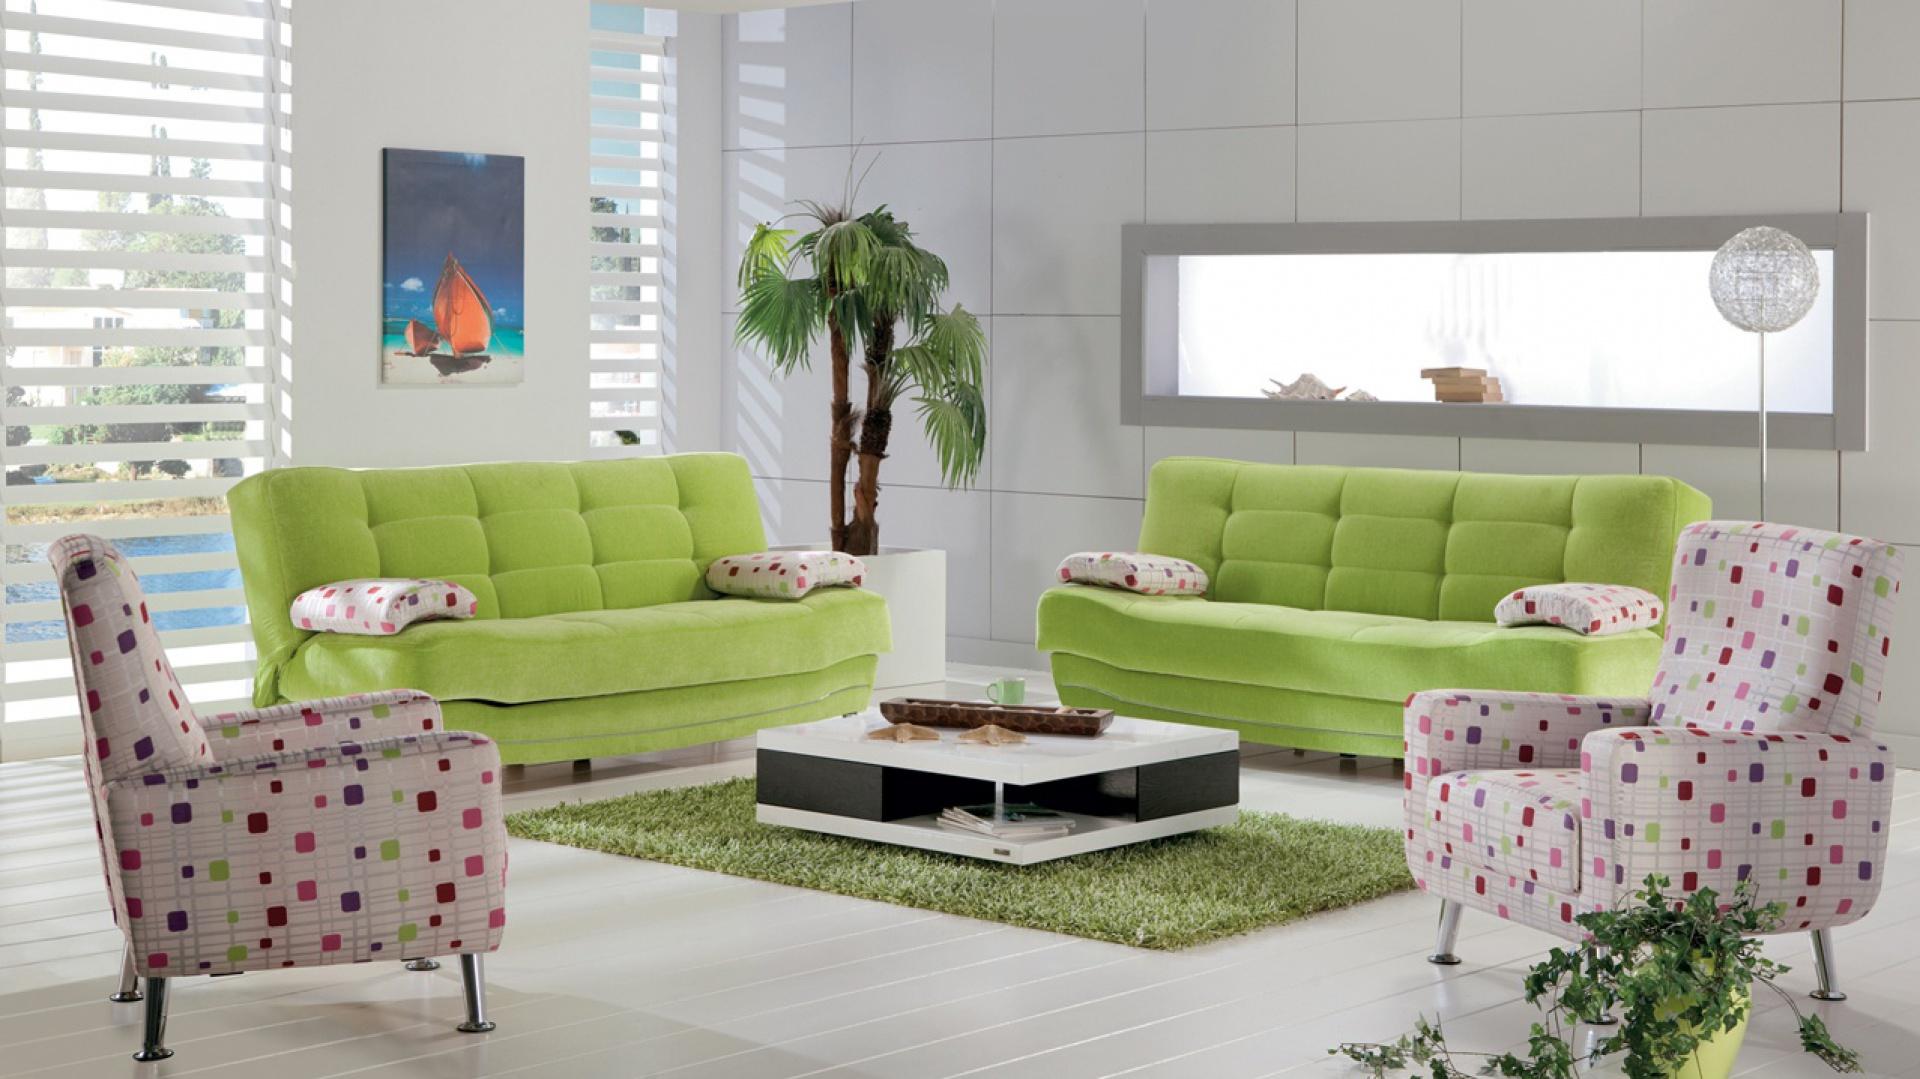 Limonkowa Sofa Z Serii Odrobina Szale Stwa W Salonie Sofy W Intensywnych Kolorach Strona 6